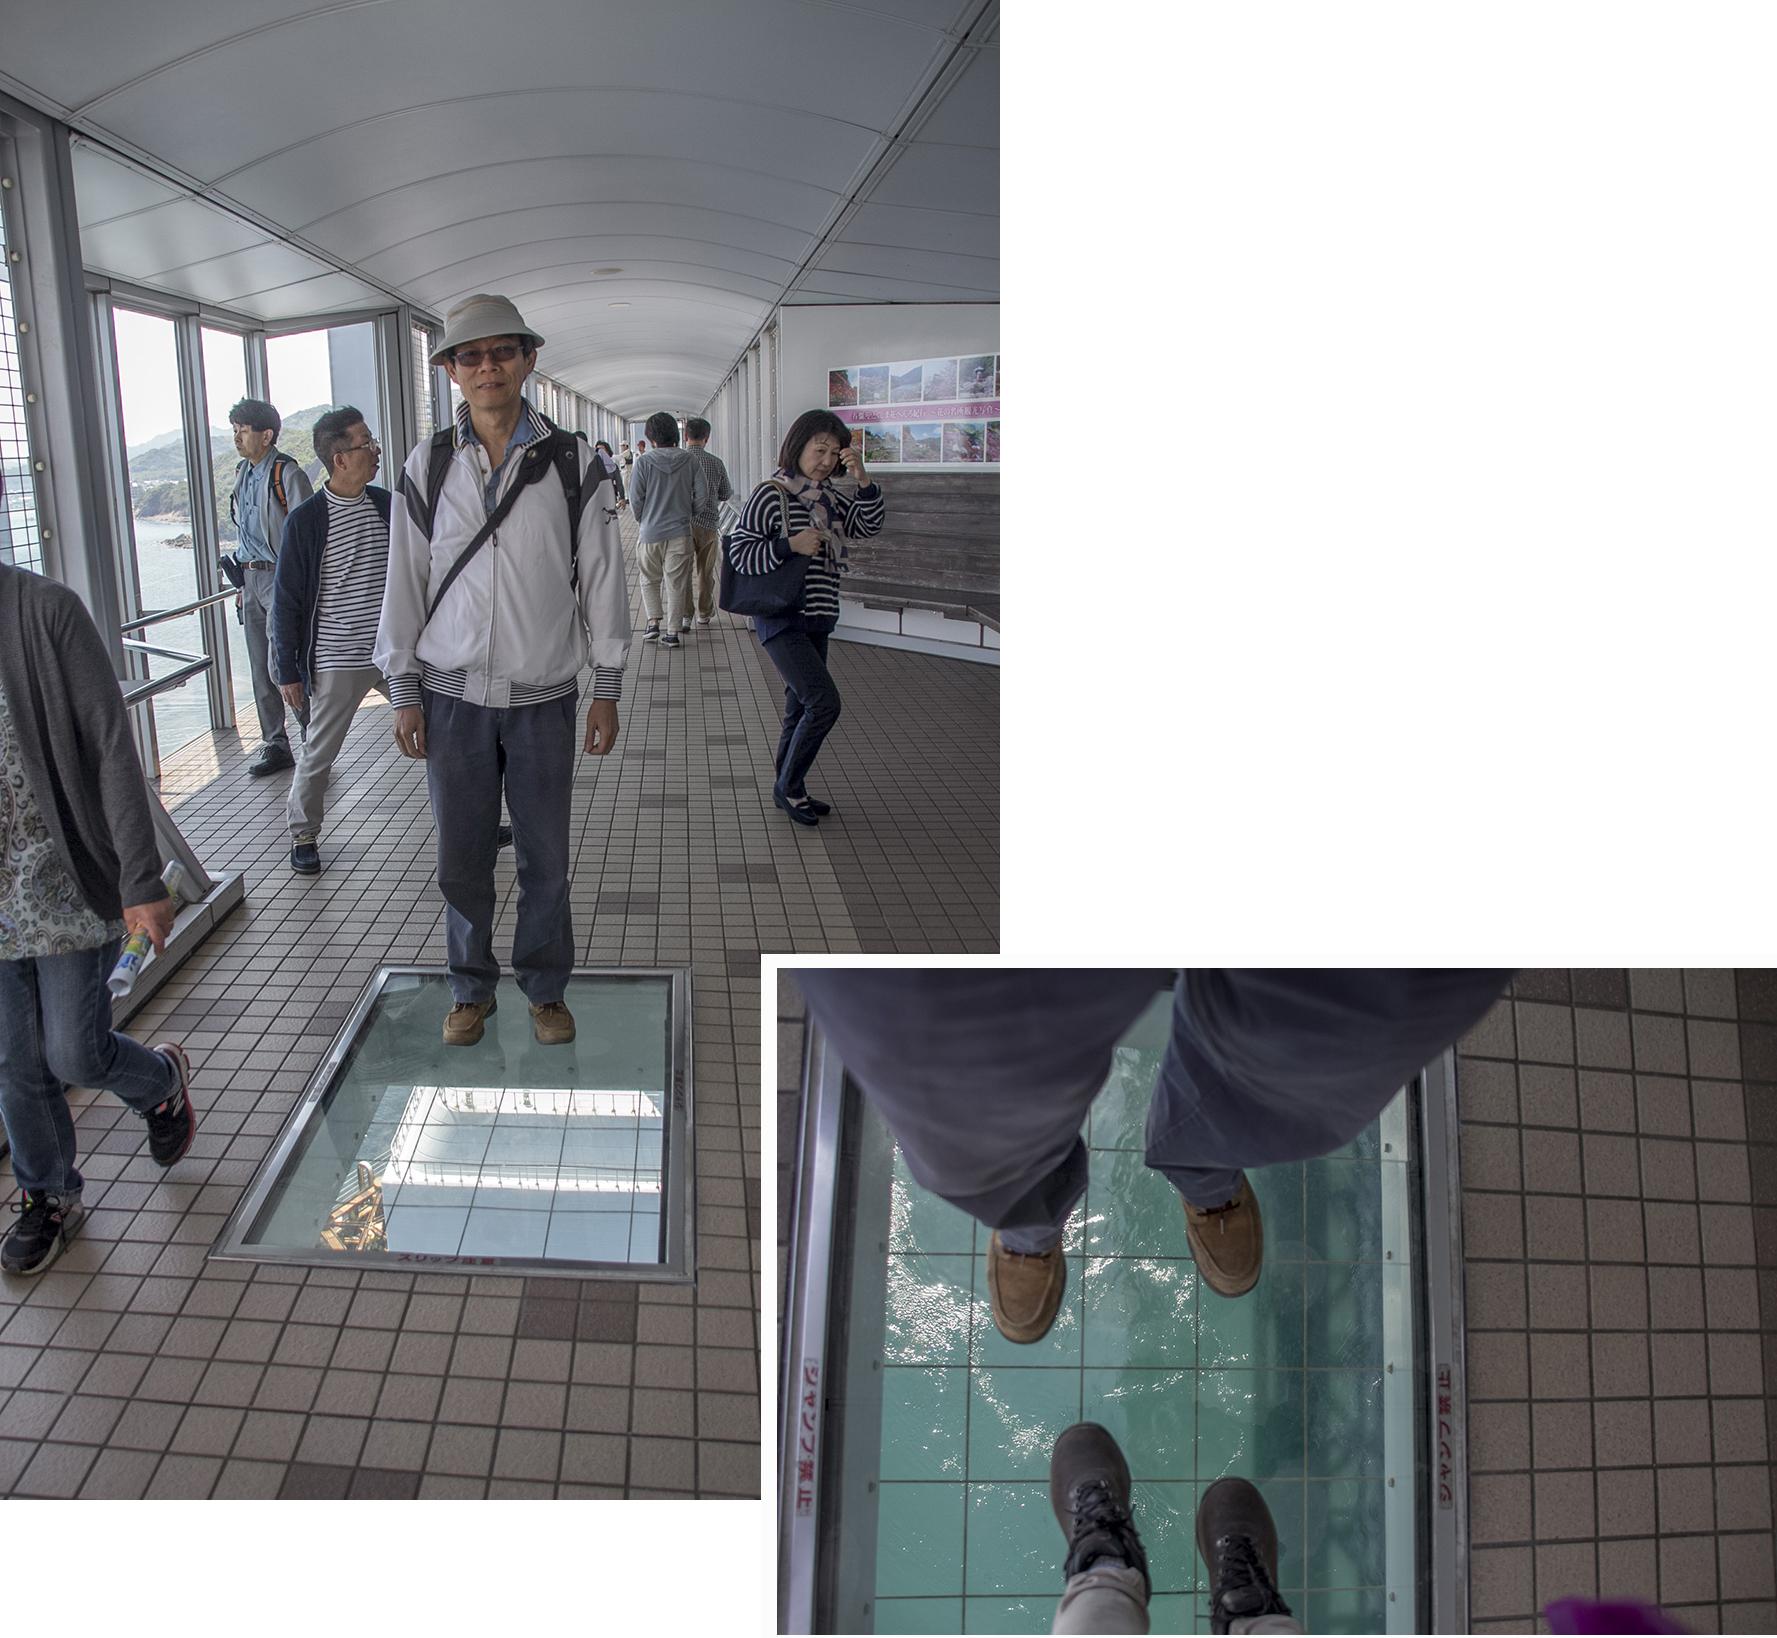 Uzu-no-michi Walkway